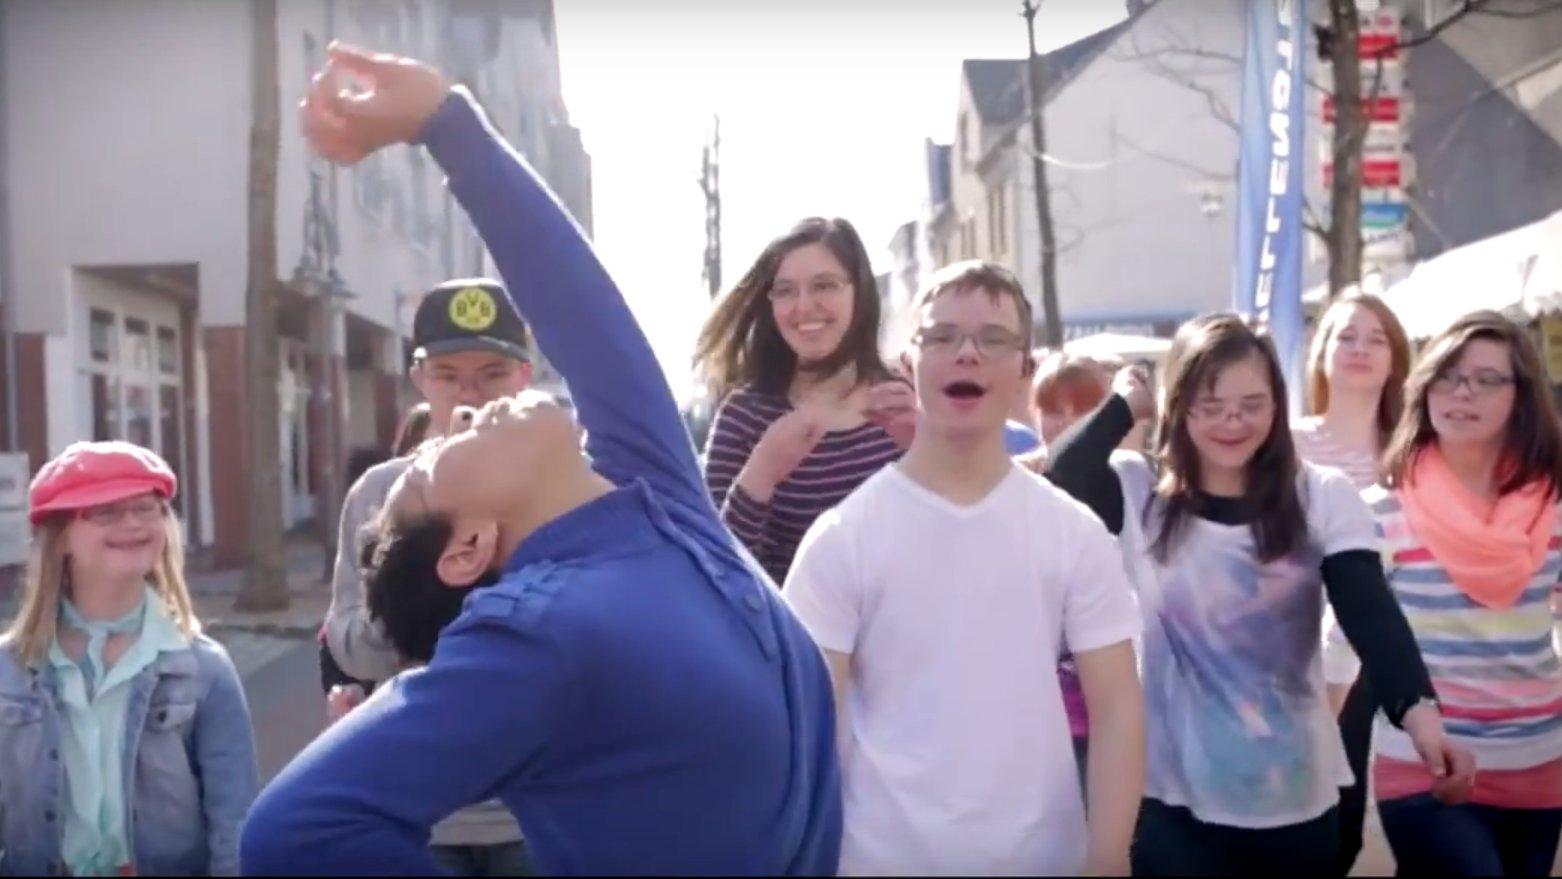 Tanzen mit Trisomie 21 zum Welt-Down-Syndrom-Tag